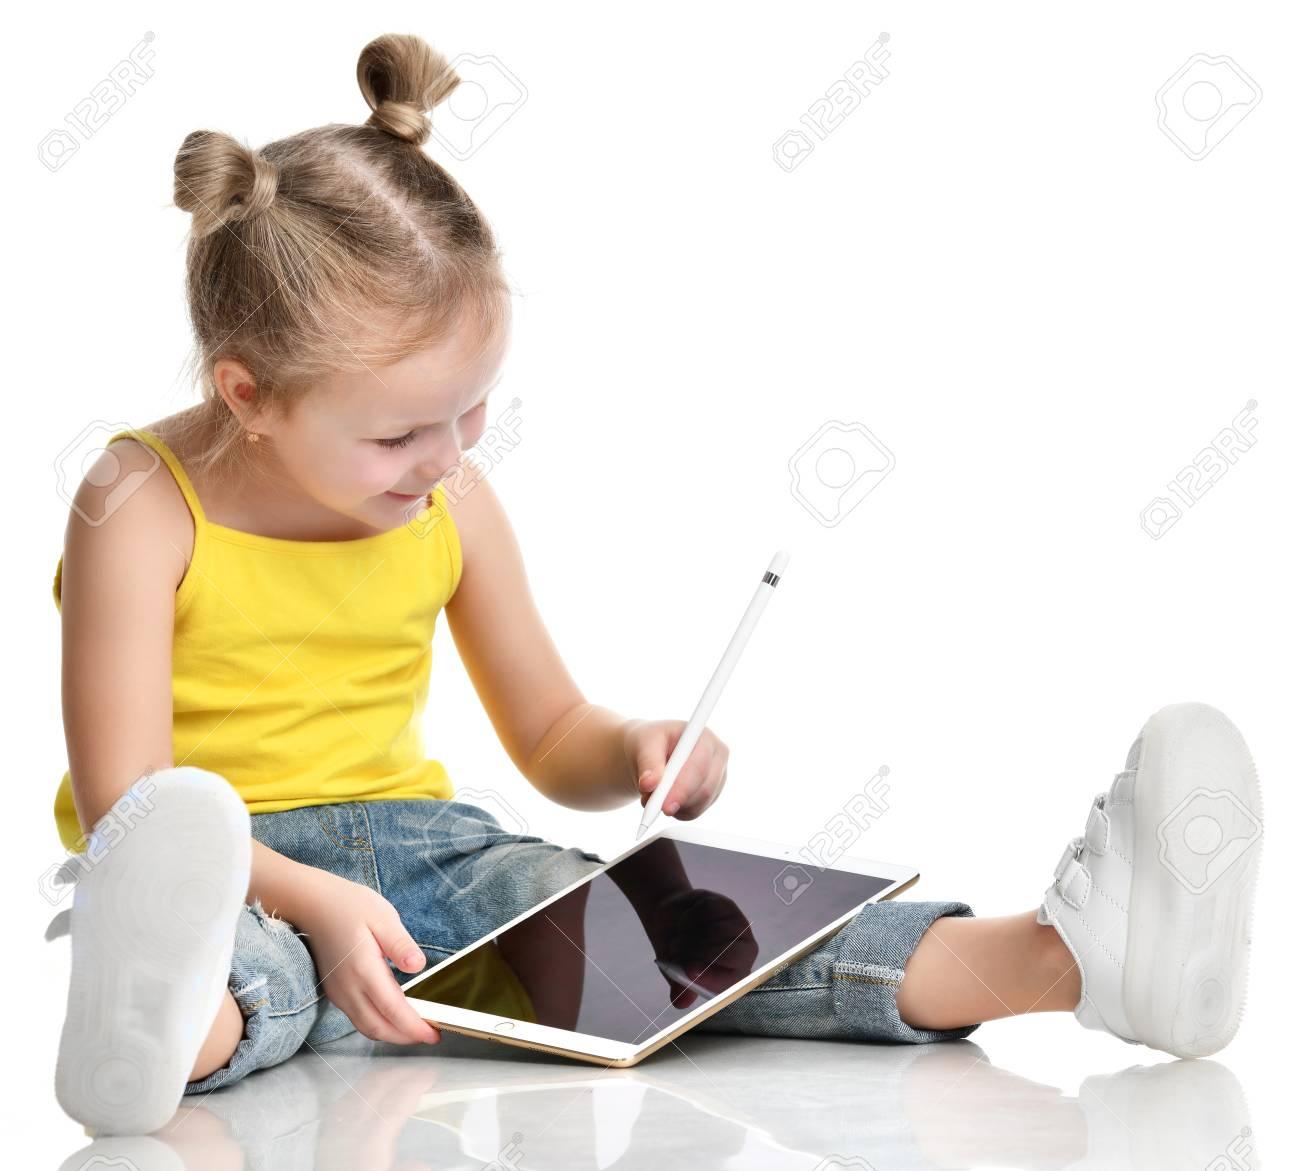 Jeune Fille Enfant Assis Lecture Apprentissage Dessin Sur Tablette  Numérique Écran Tactile Avec Un Crayon En Chemise Jaune Isolé Sur Fond Blanc pour Tablette Enfant Fille